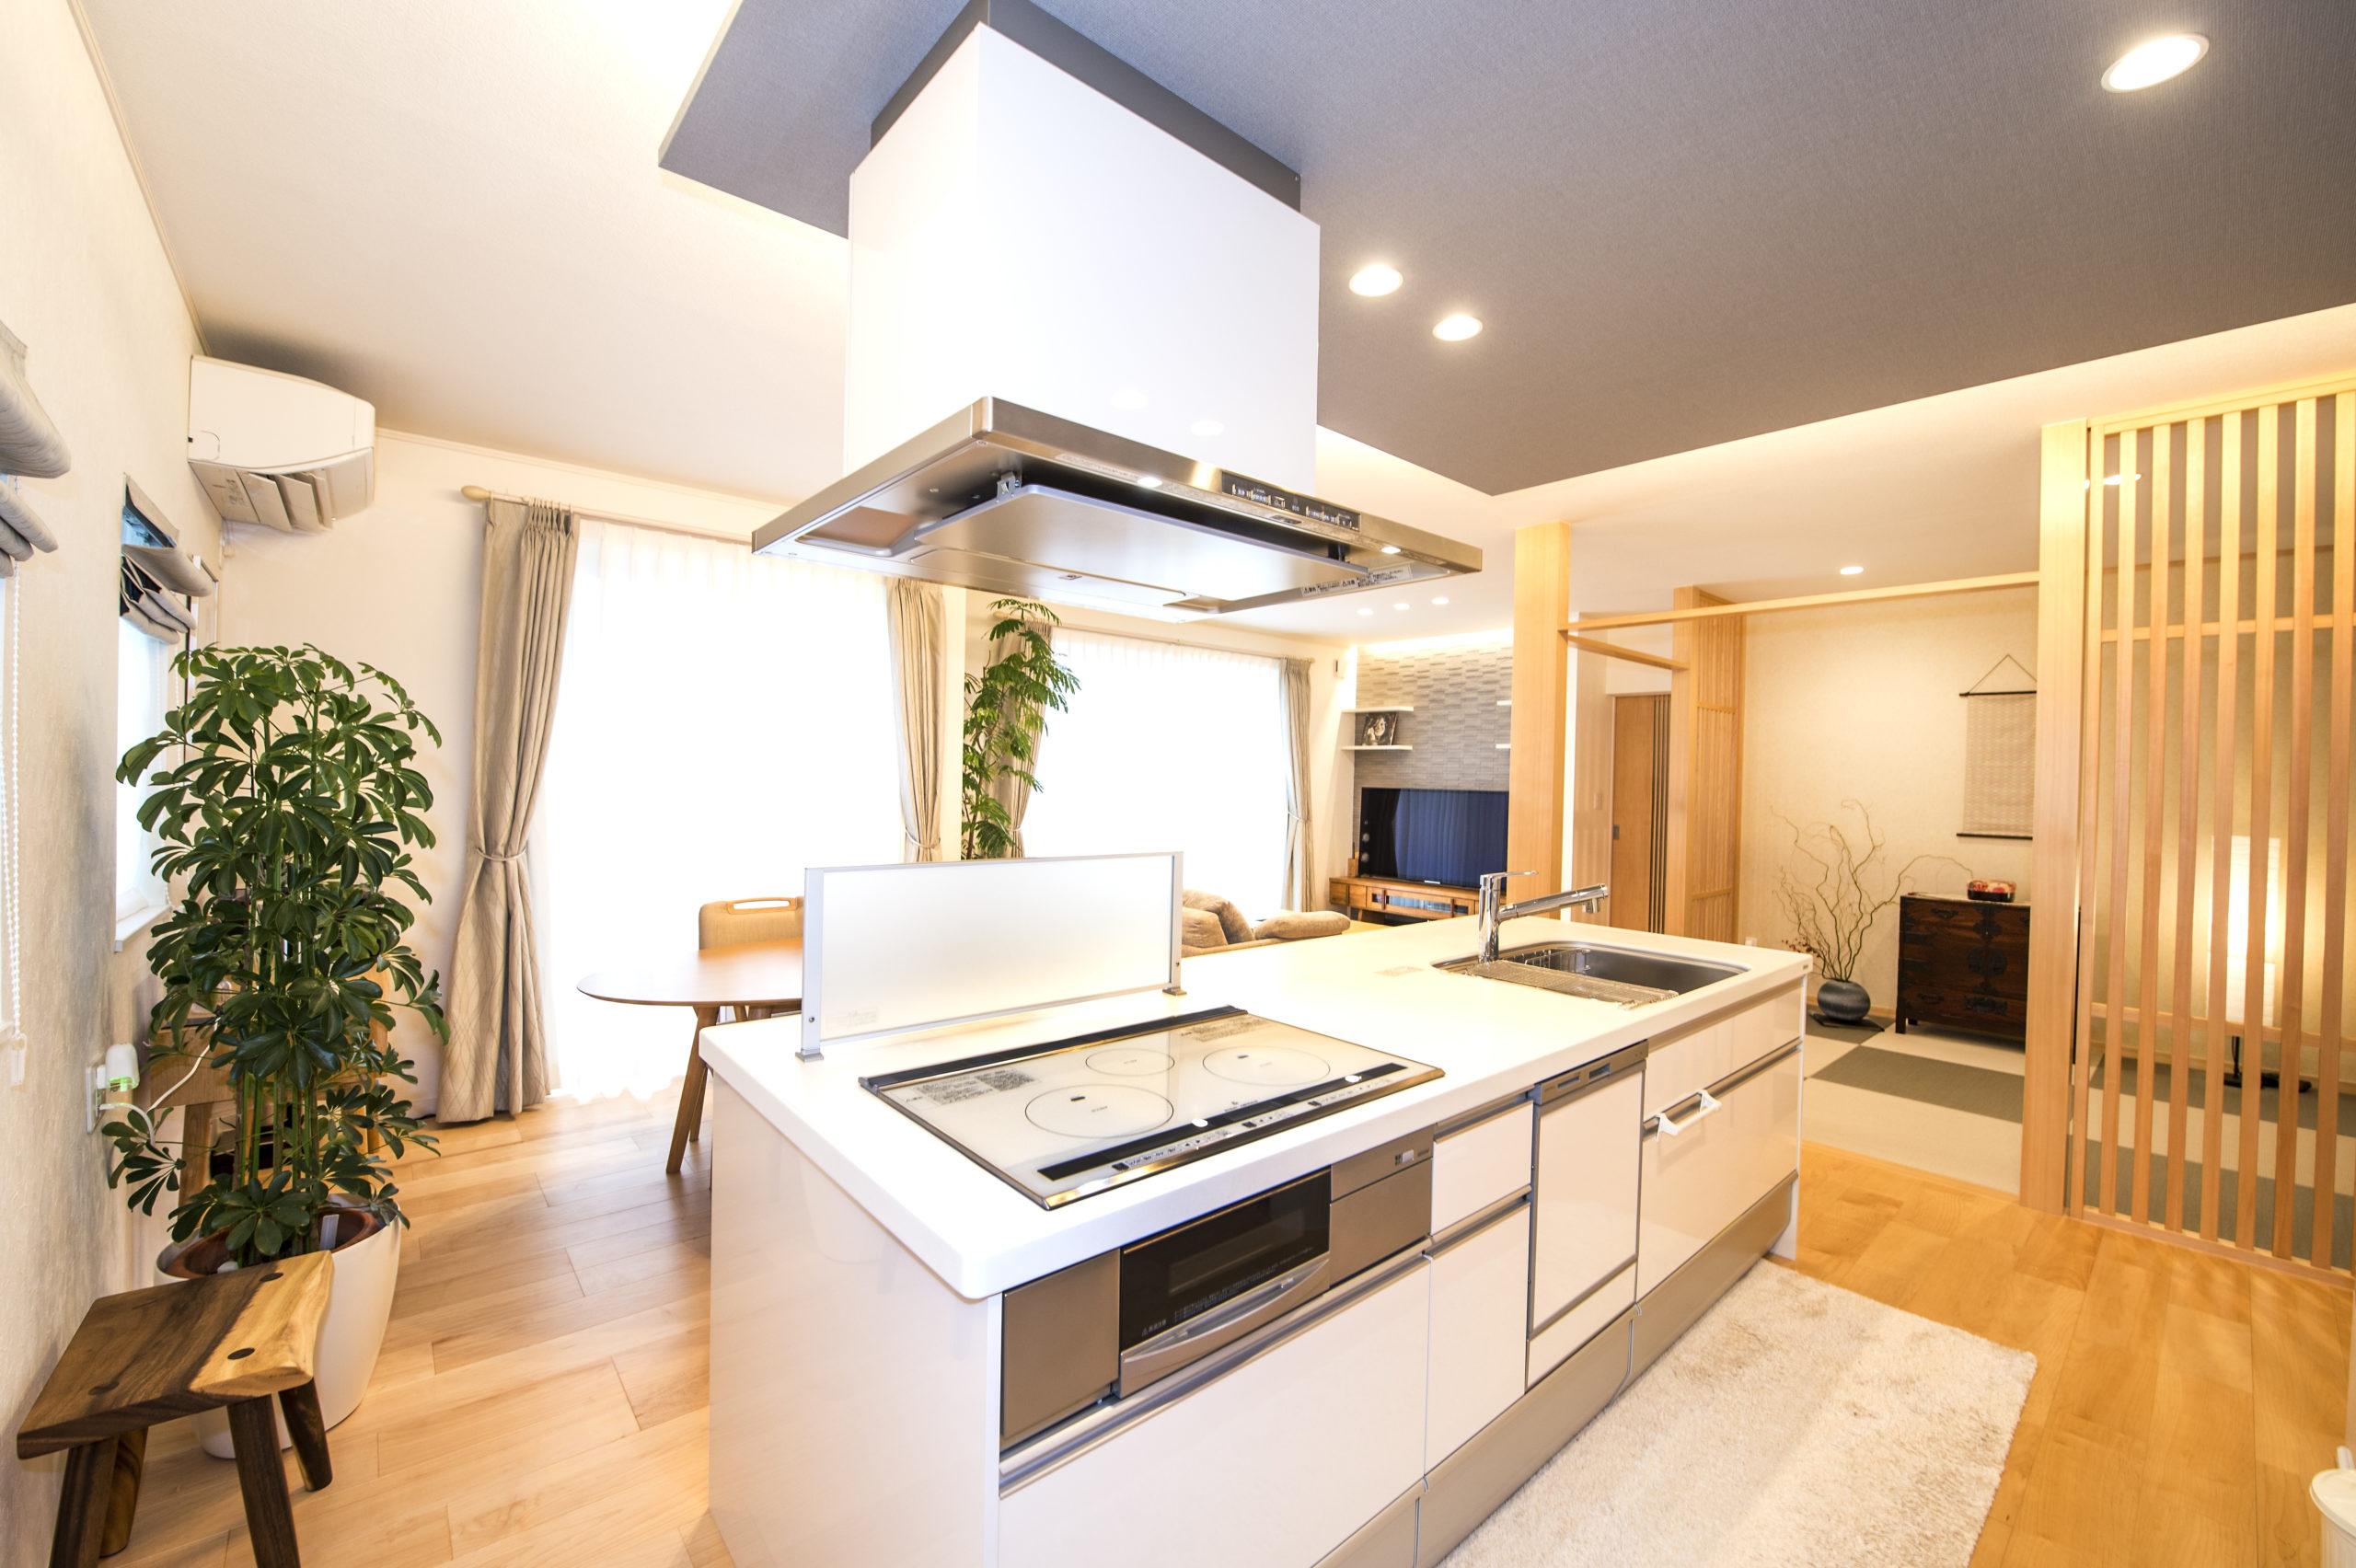 Vol.115【石巻市新築コラム】キッチンの配置について